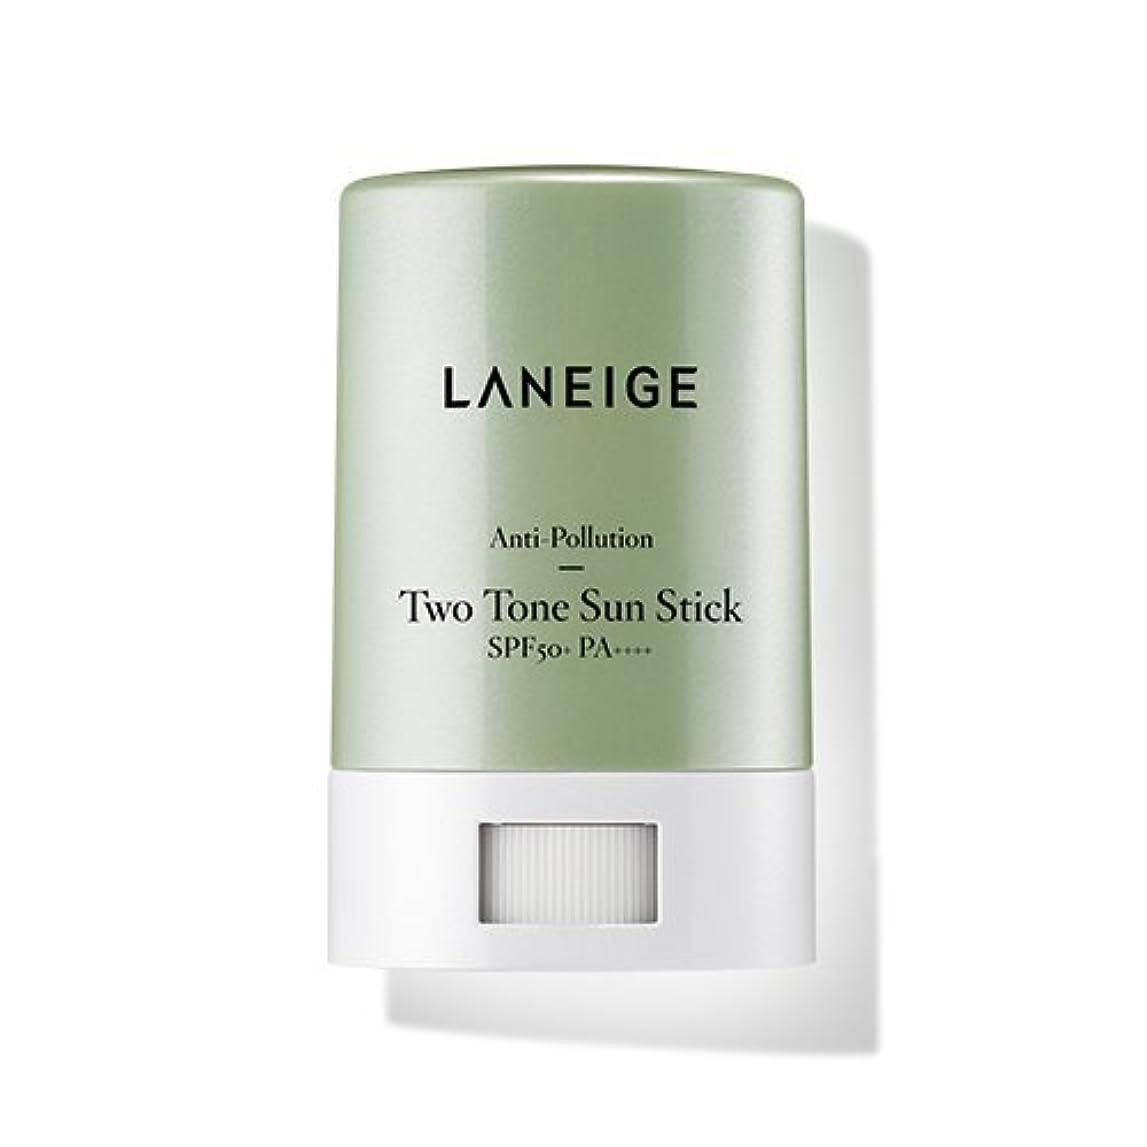 昼食知覚する持っているラネージュ(LANEIGE) アンチポリューション?サンスティック Anti-Pollution Sun Stick SPF50 PA++++ 18g